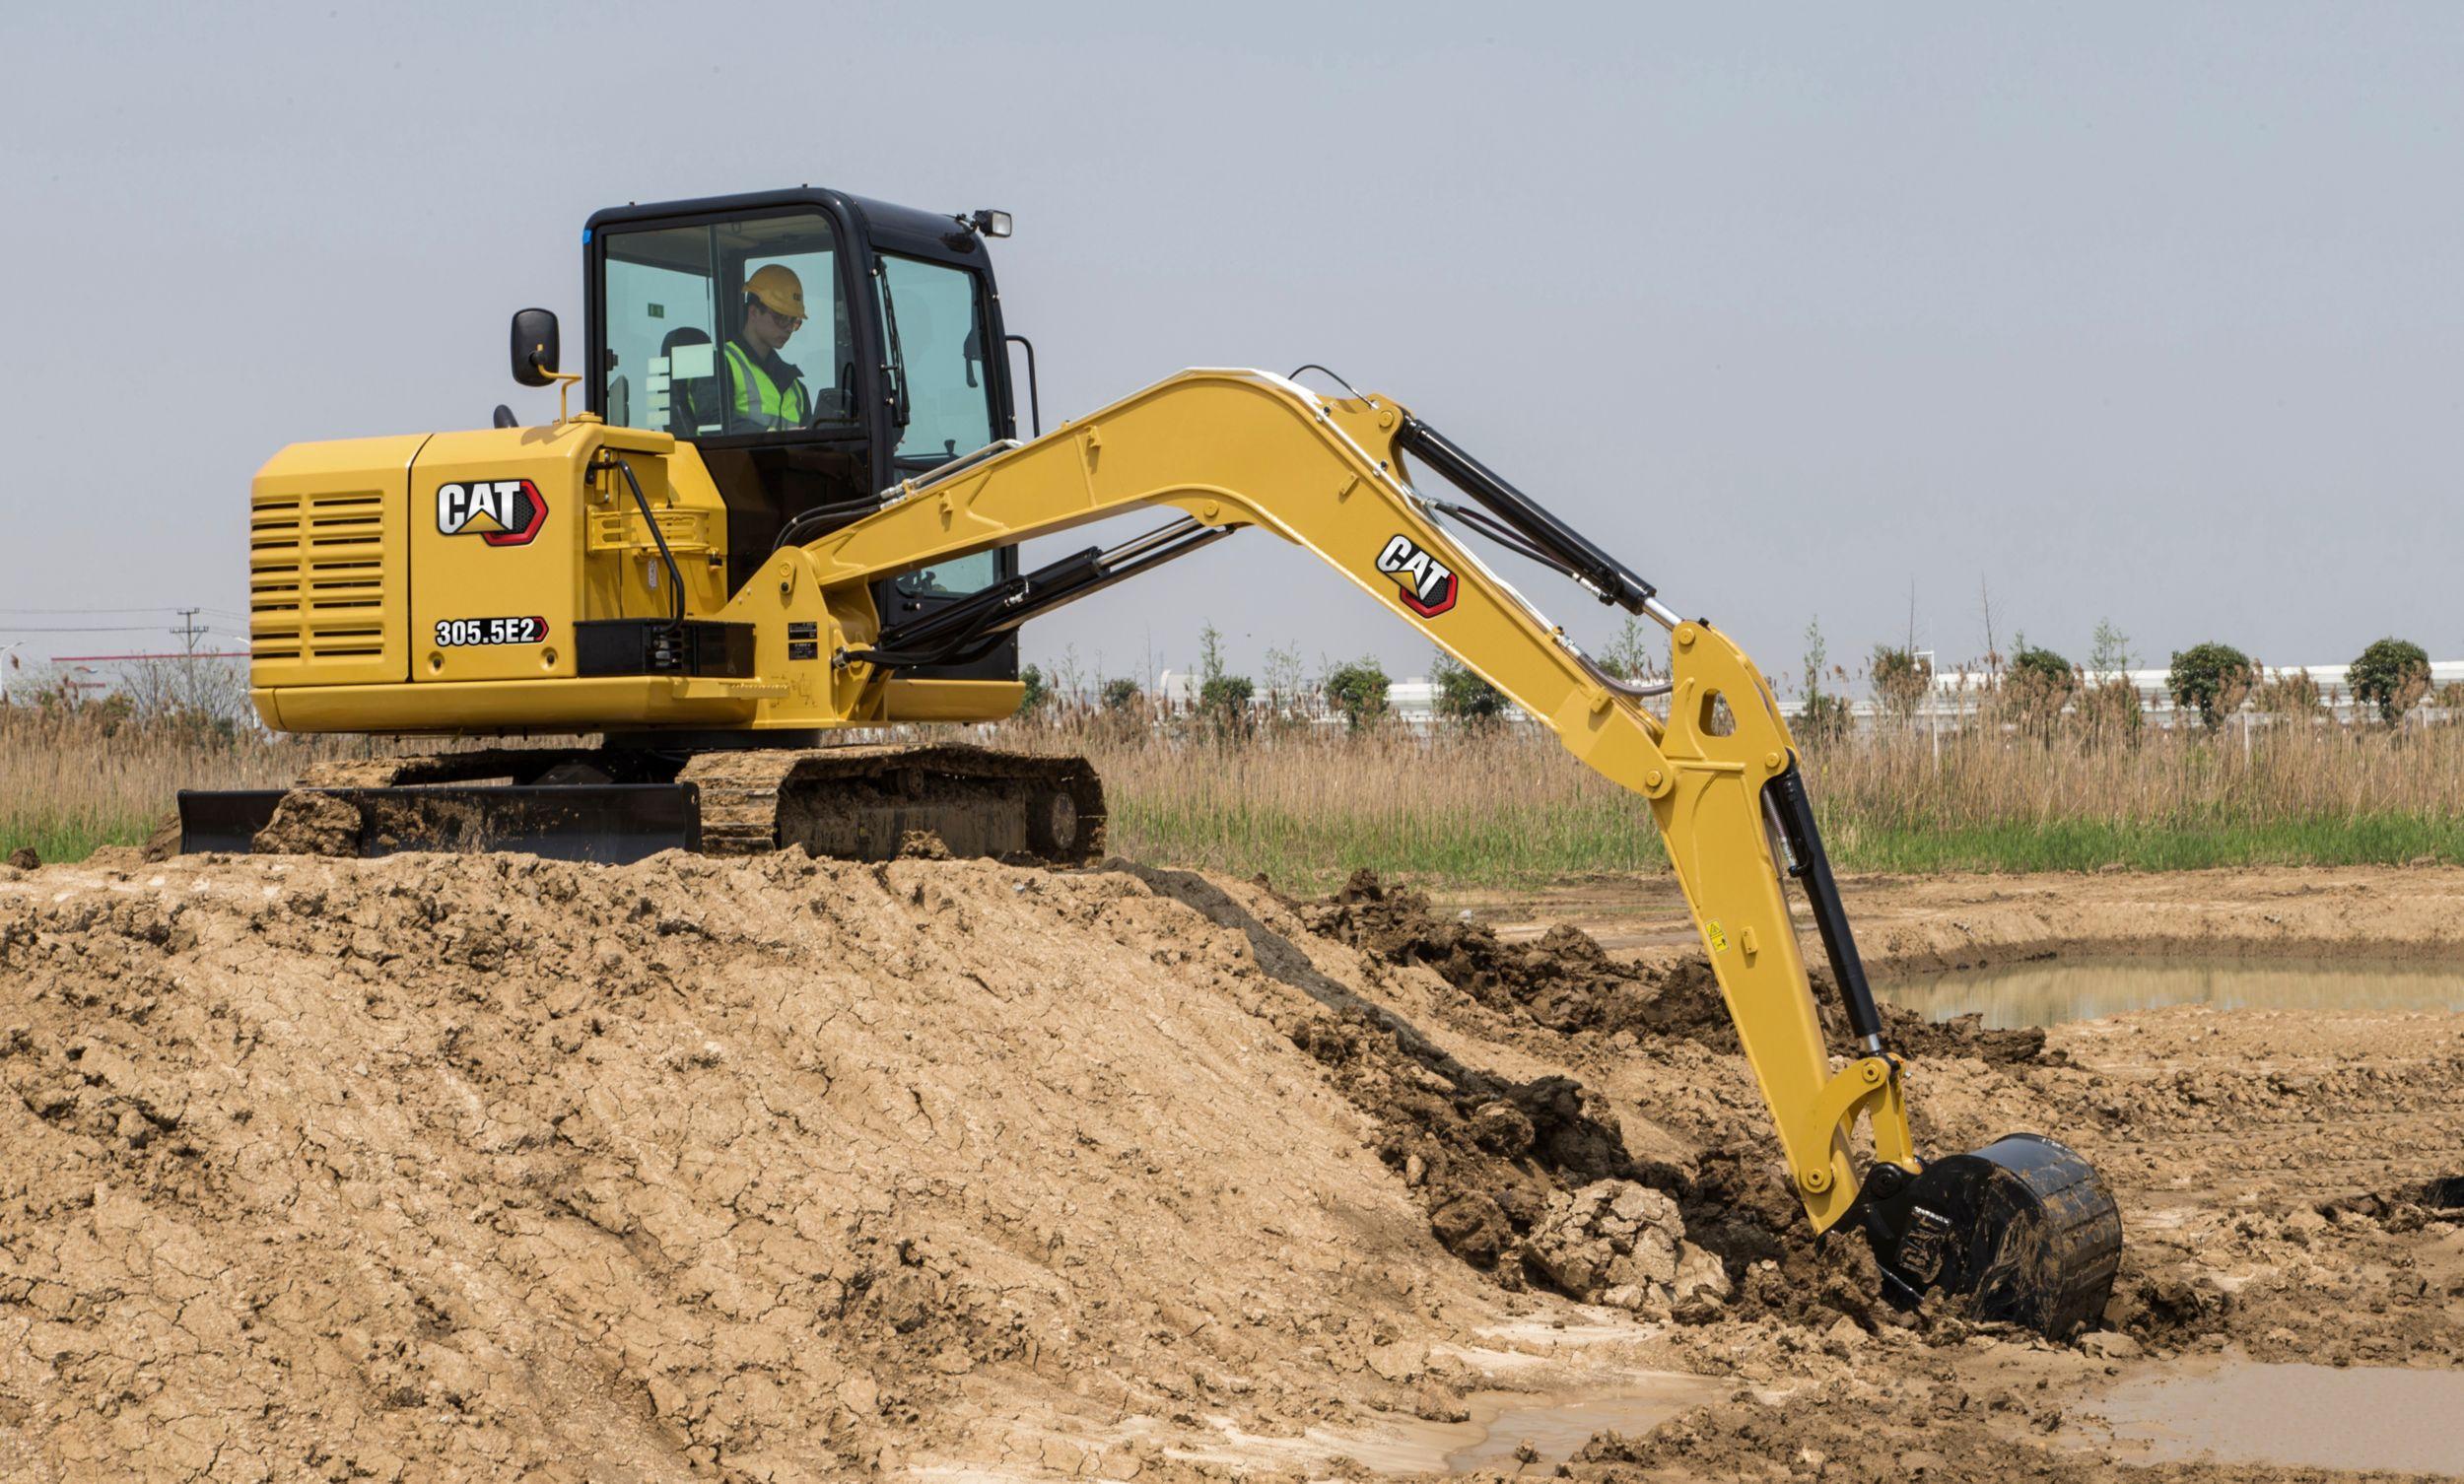 305 5e2 Mini Excavator Cat Caterpillar